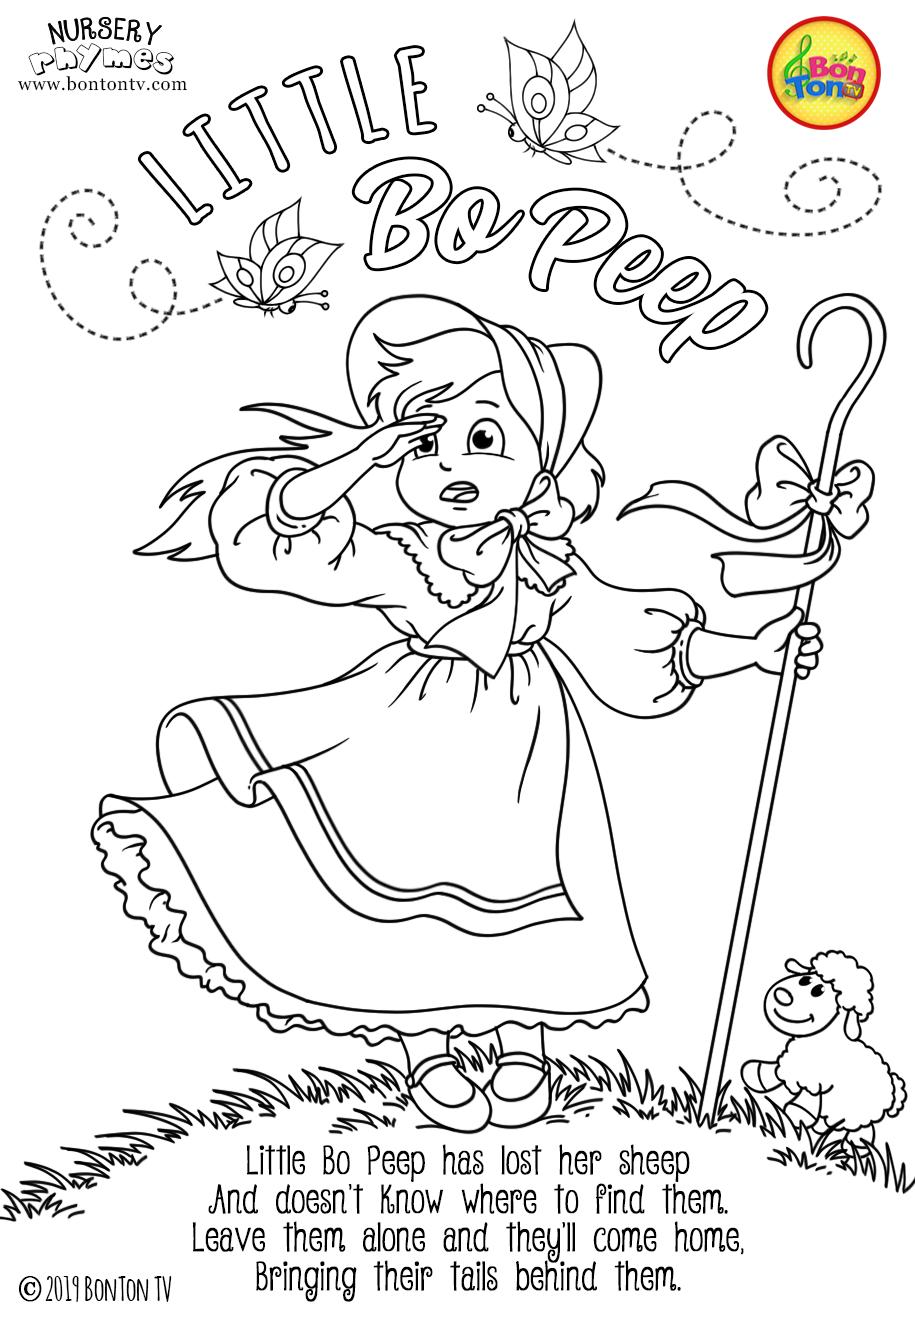 Nursery Rhymes Coloring Pages Free Preschool Printables For Kids Little Bo Peep Twinkle Nursery Rhymes Activities Nursery Rhymes Nursery Rhymes Preschool